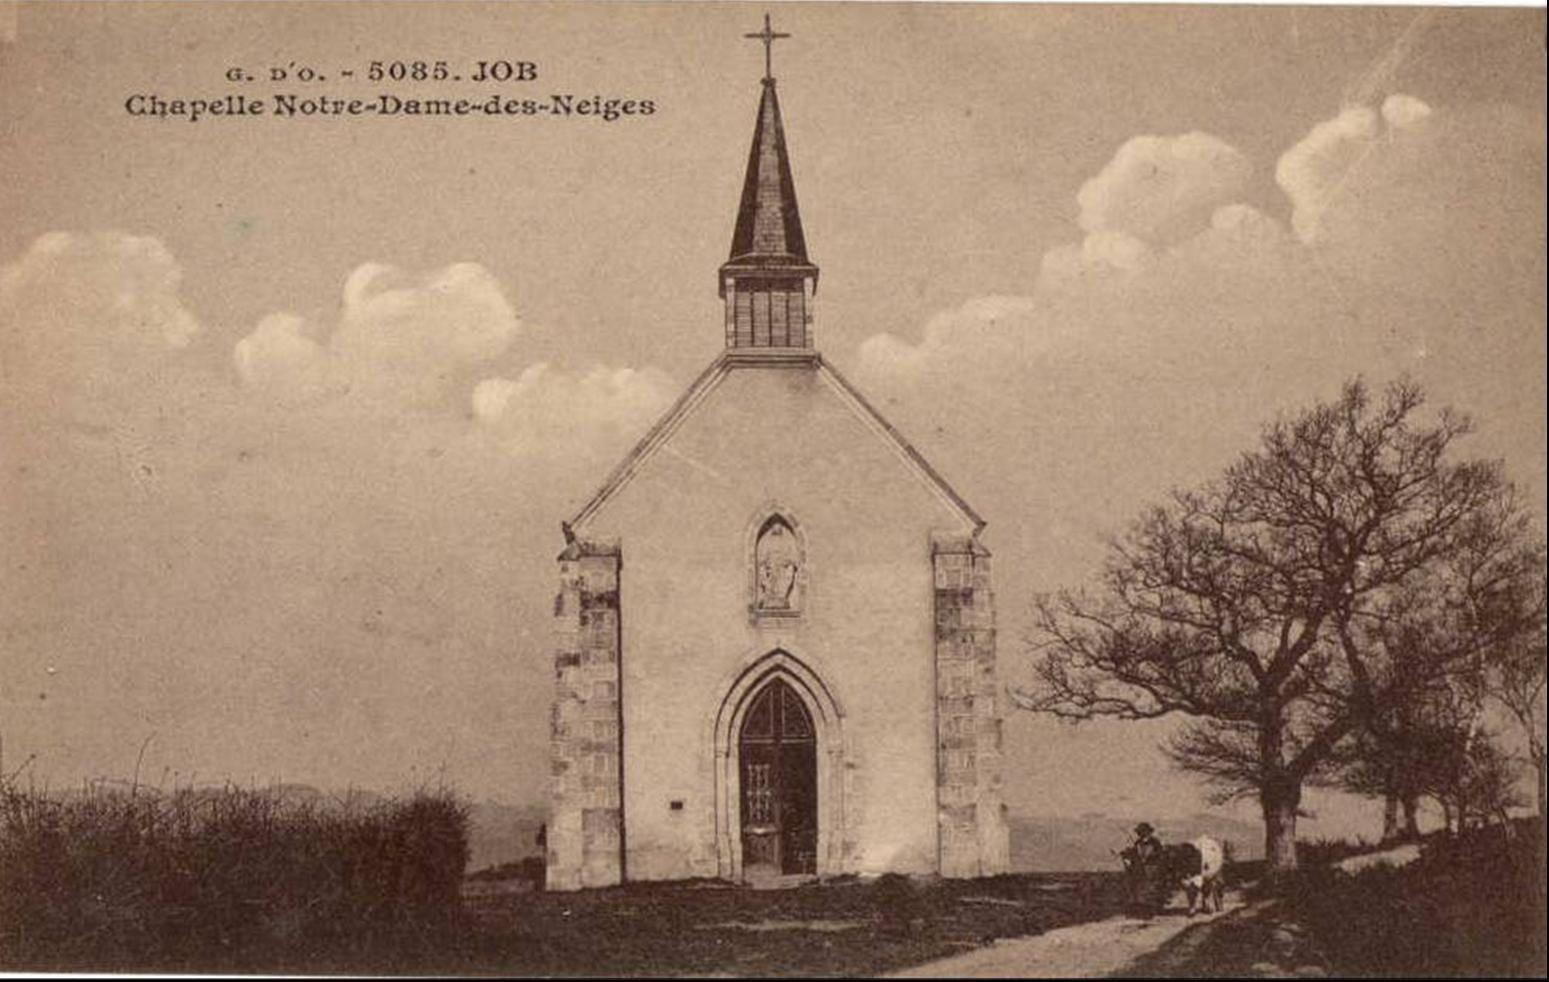 La chapelle aux environs de Job